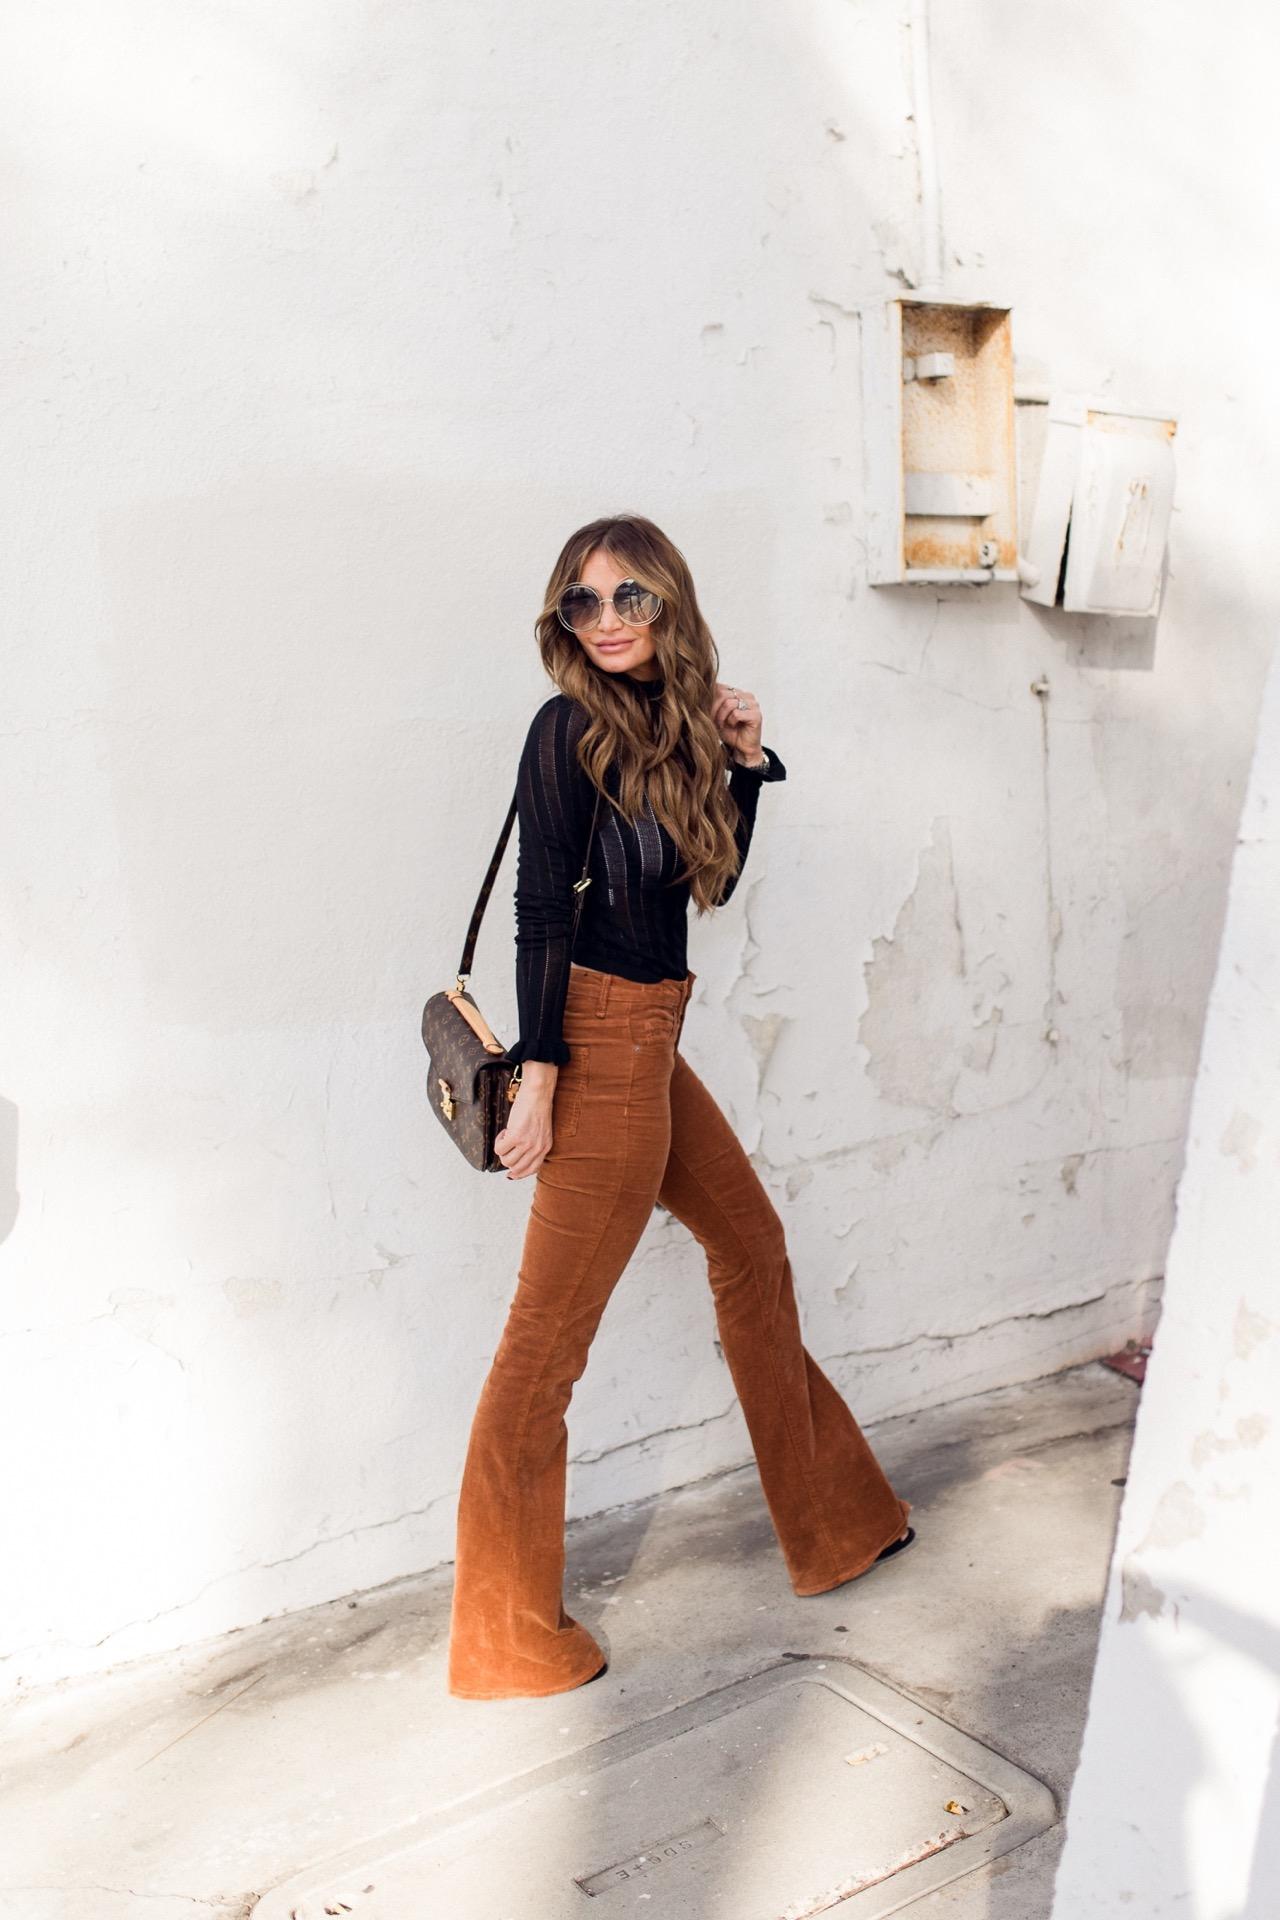 My Style #DKW-Fashion